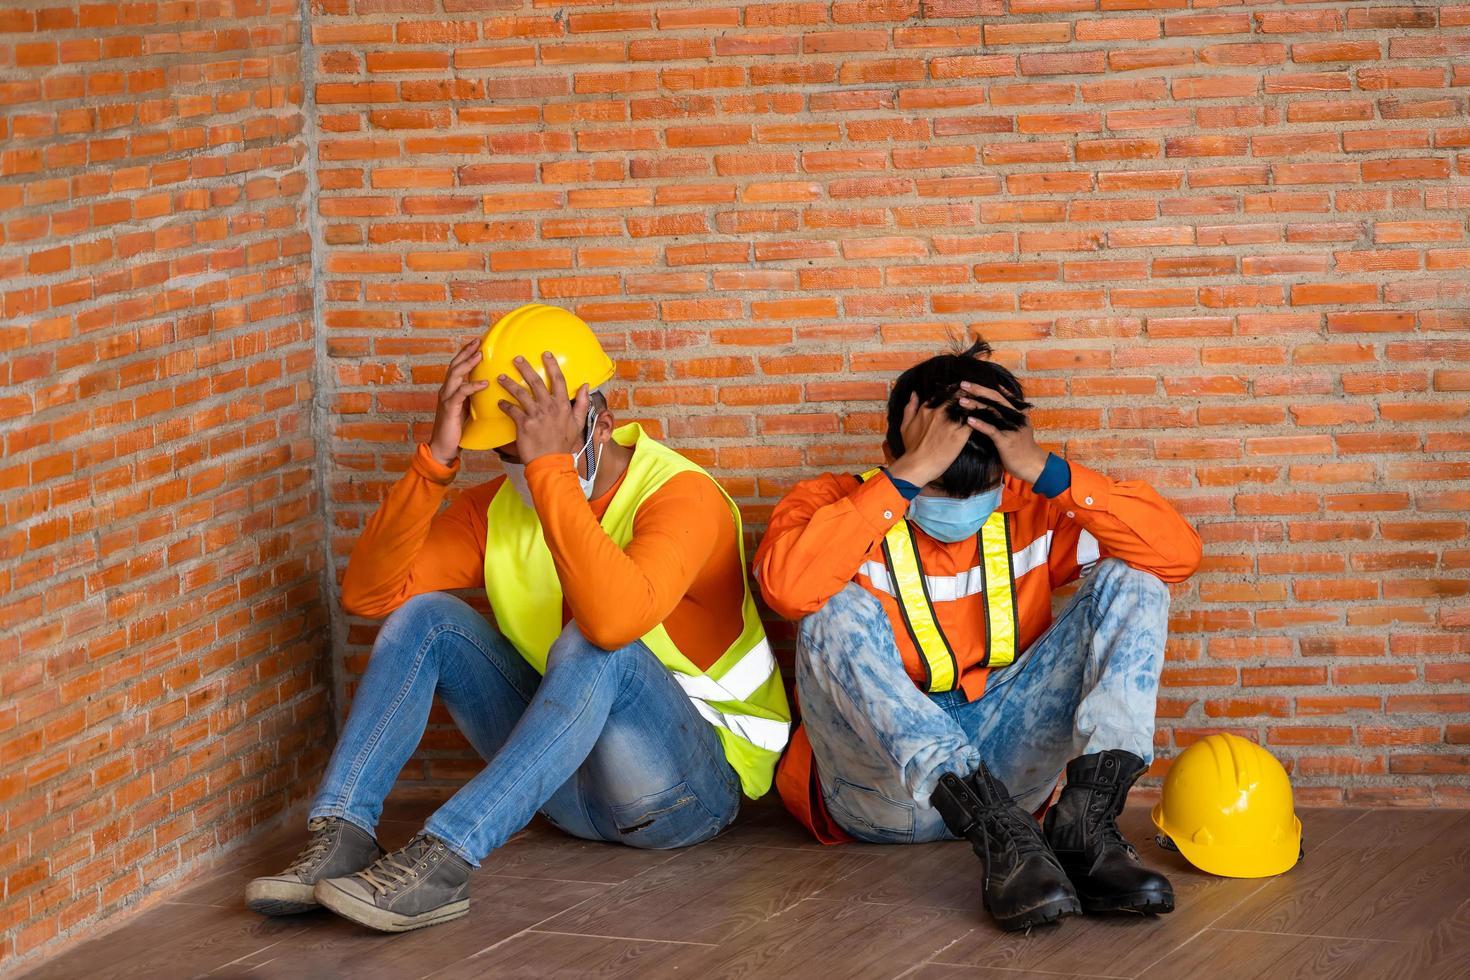 due uomini che indossano l'equipaggiamento protettivo accanto al muro di mattoni foto